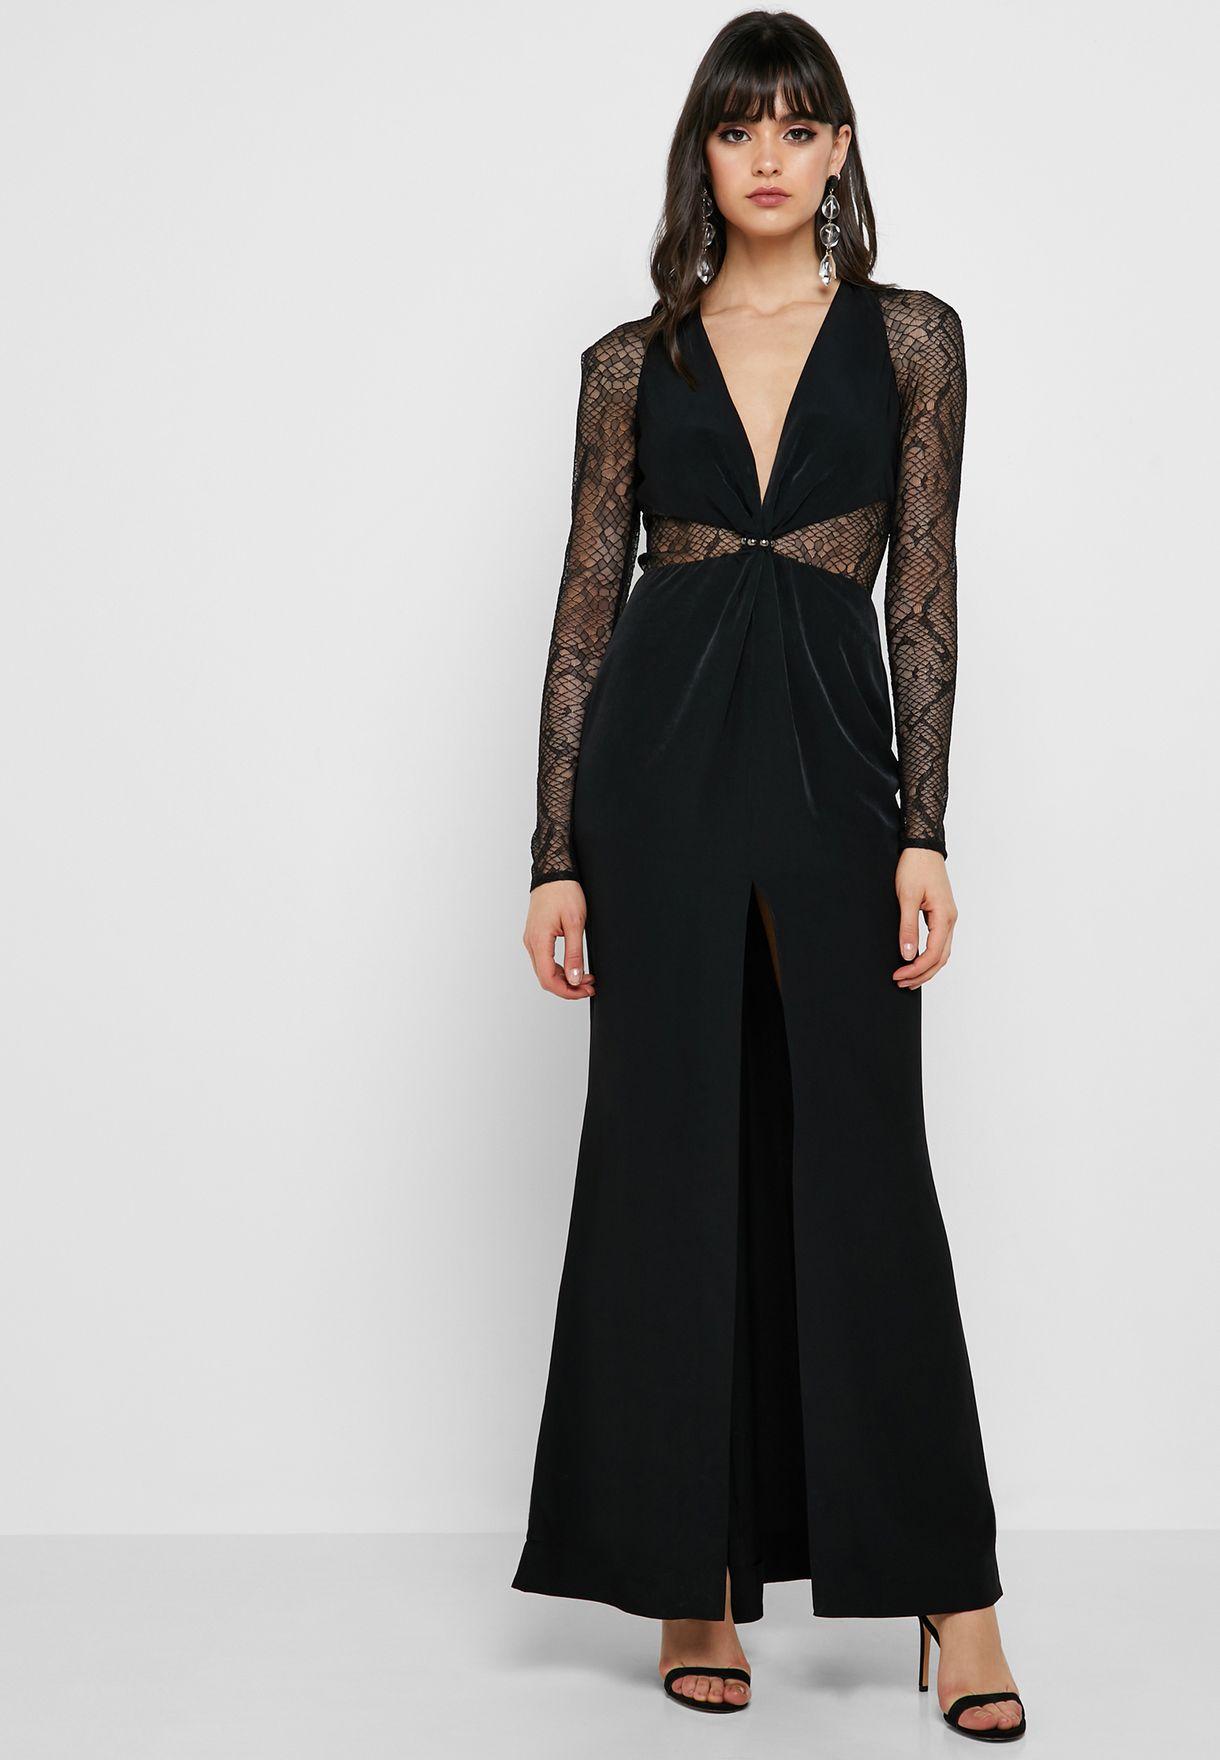 1e4c372f3df Shop Topshop black Front Split Lace Panel Maxi Dress 10U18QBLK for ...